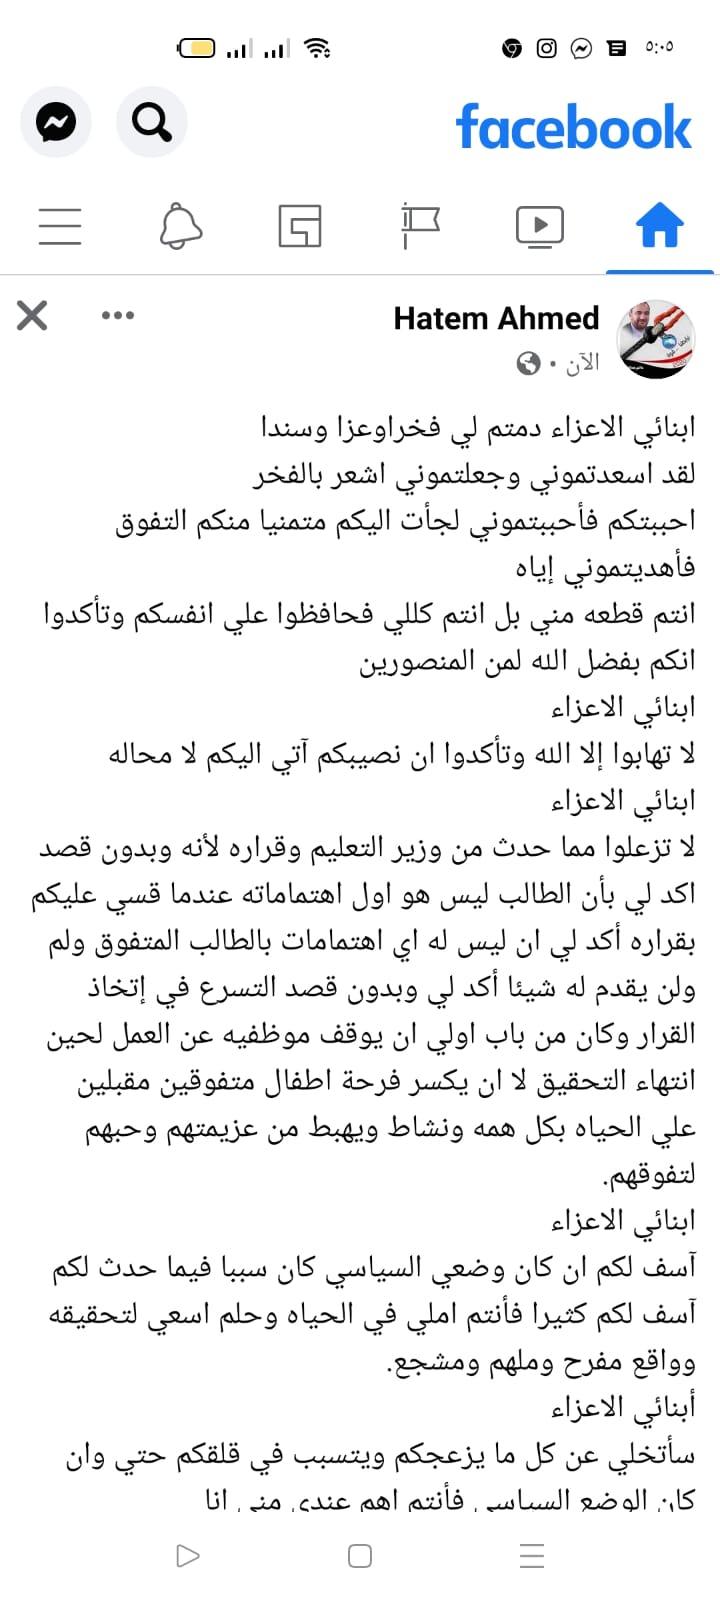 نائب دائرة أبو كبير يهاجم وزير التعليم بعد حجب نتيجة أبنائه بالثانوية العامة بعد تسريبها 14522